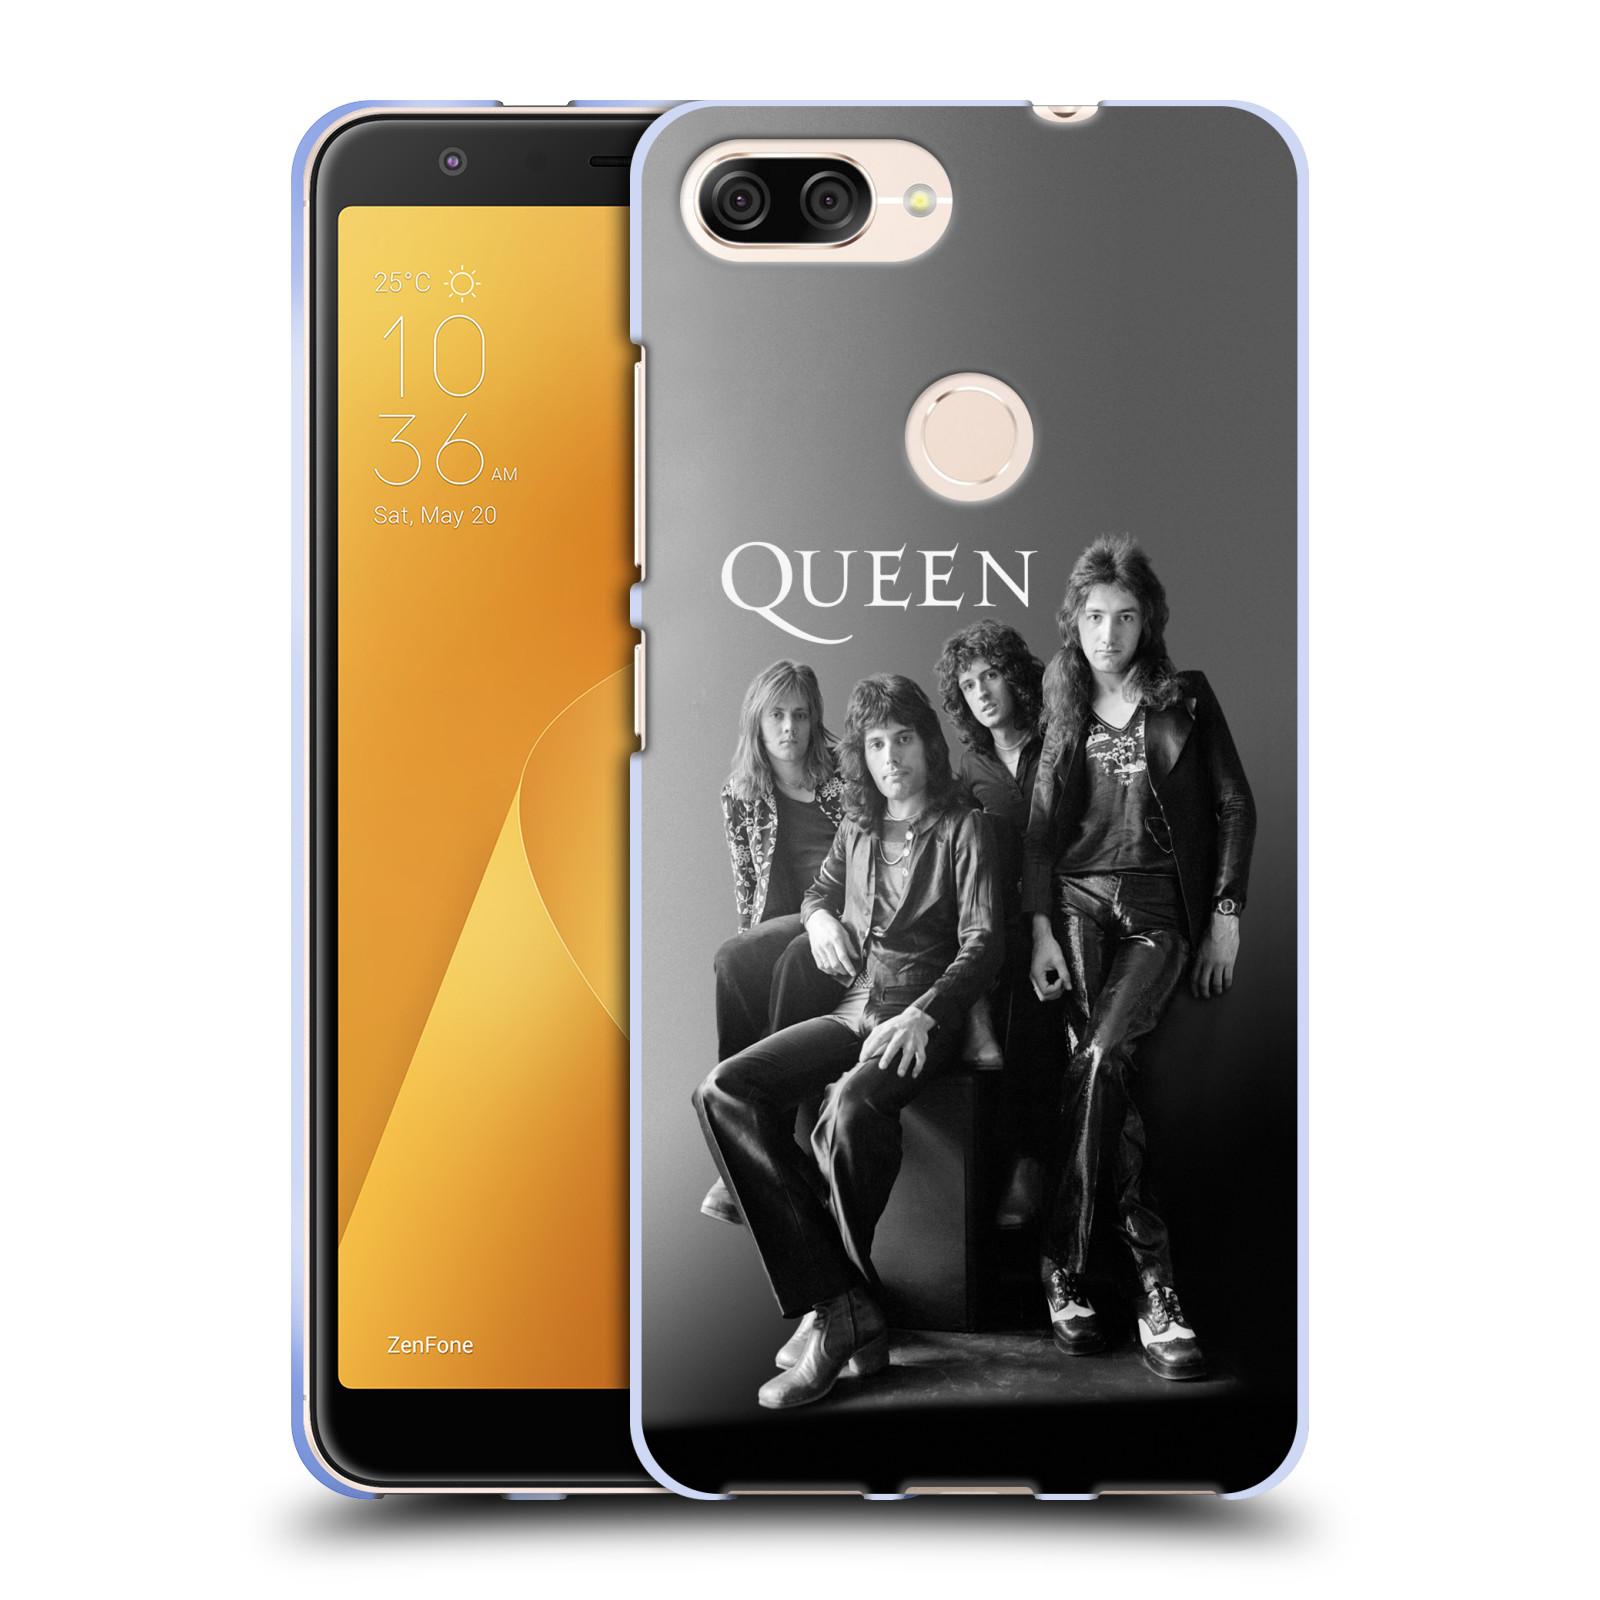 Silikonové pouzdro na mobil Asus ZenFone Max Plus (M1) - Head Case - Queen - Skupina